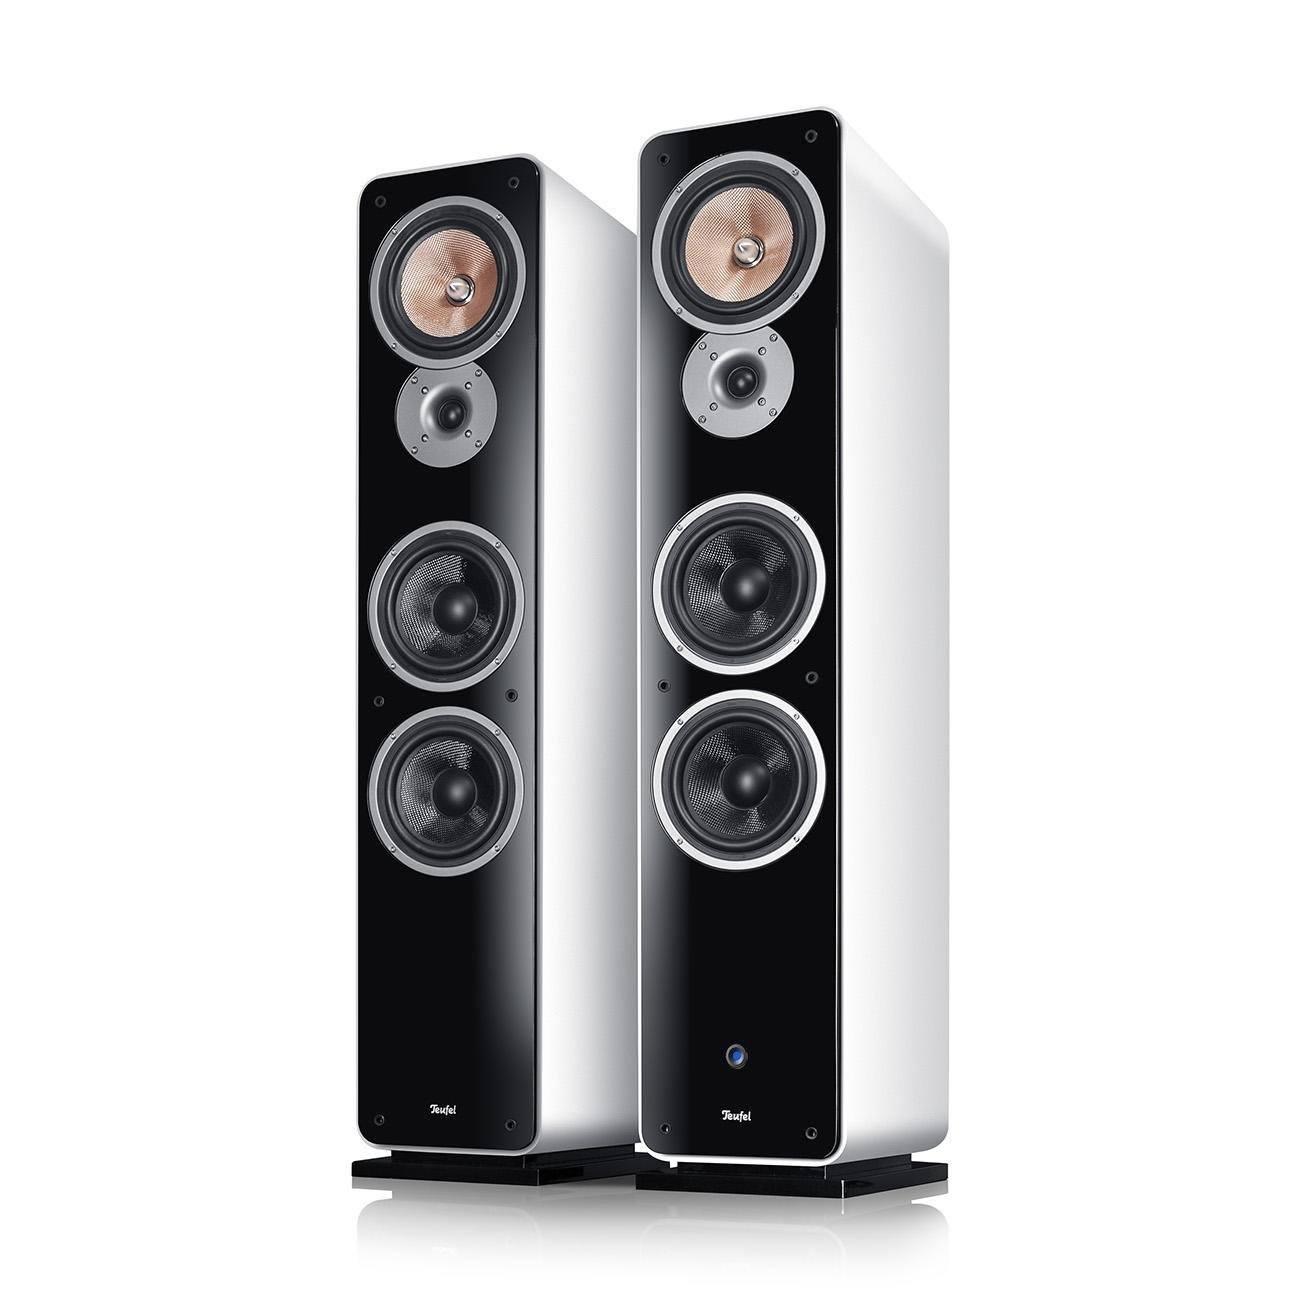 Teufel Ultima 40 Aktiv Schwarz Stand-Lautsprecher im 5.1 Lautsprecher Test